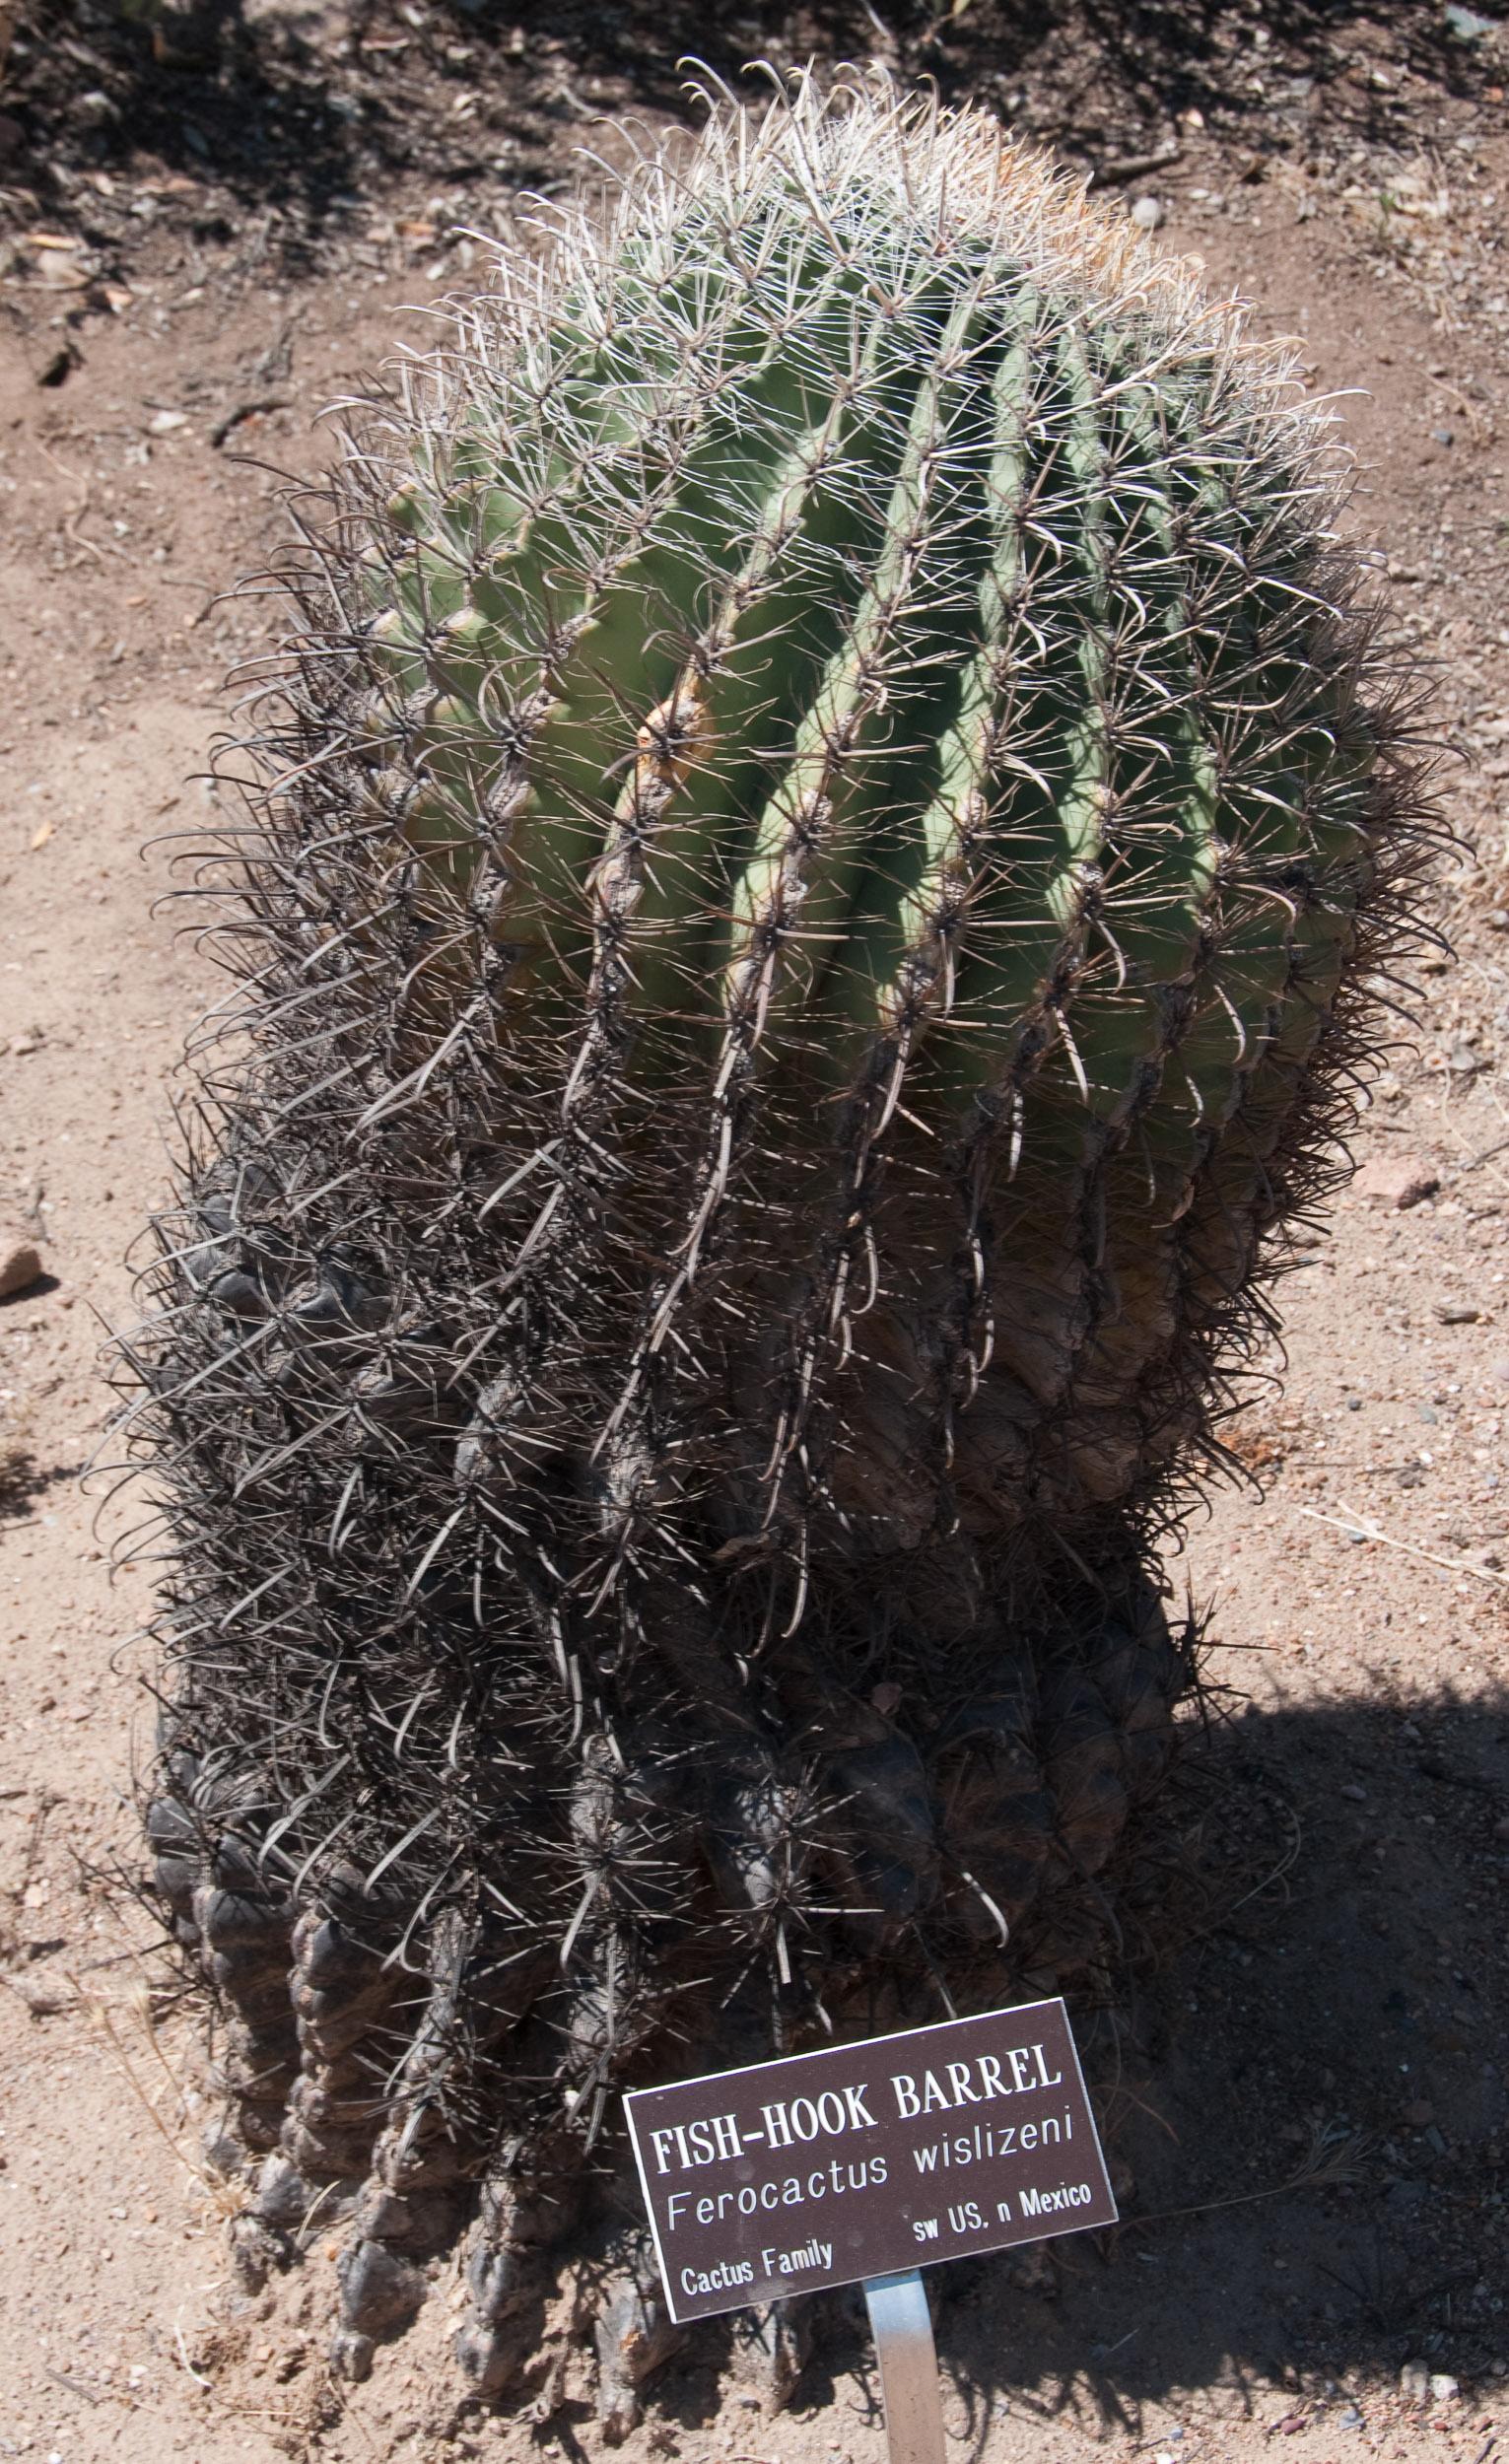 Ferocactus wislizeni Fishhook Barrel Cactus